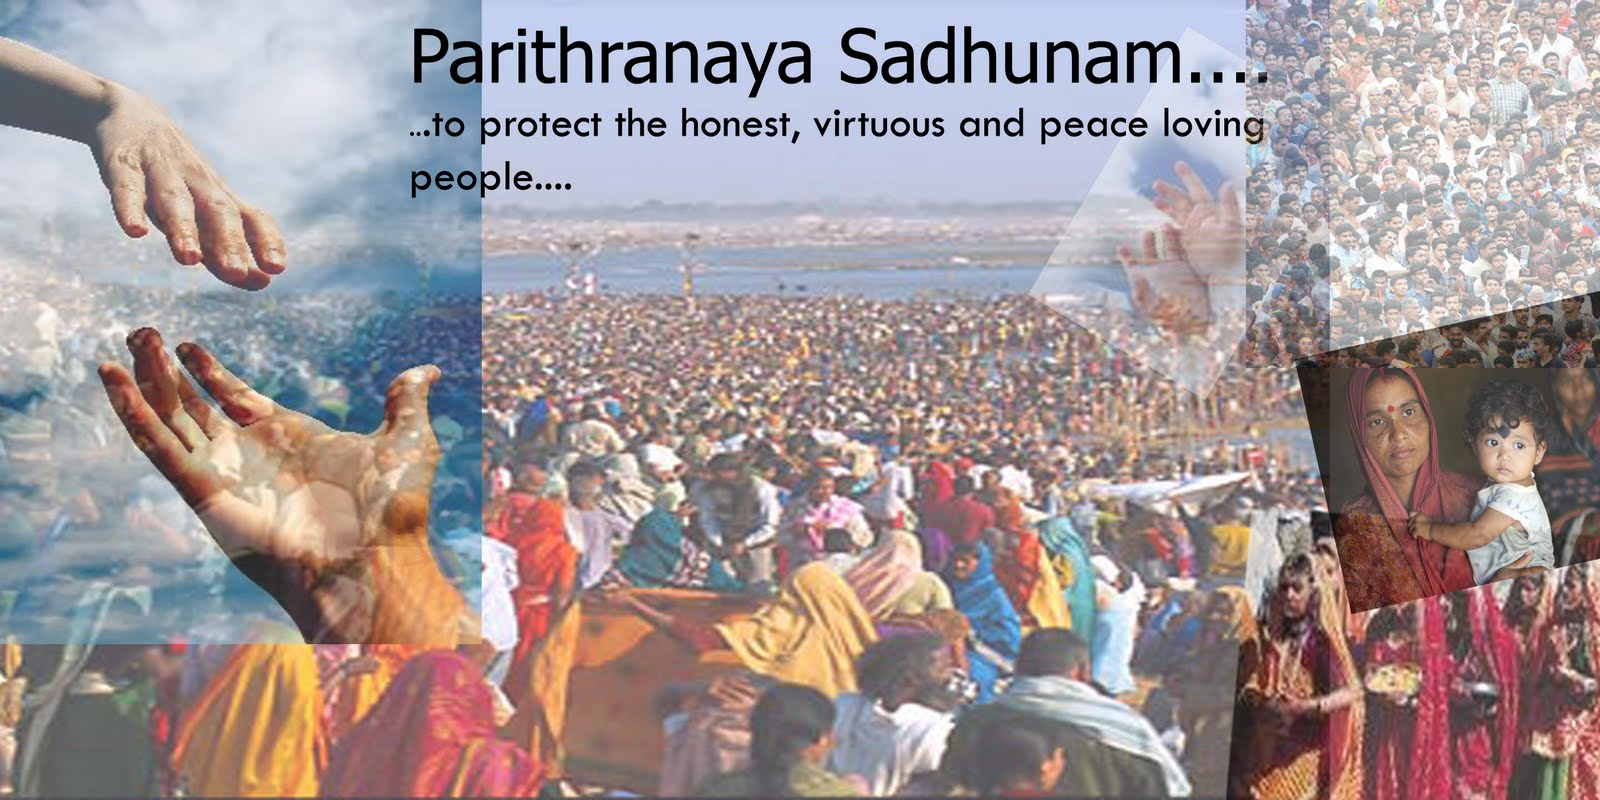 Parithranaya Sadhunam..........